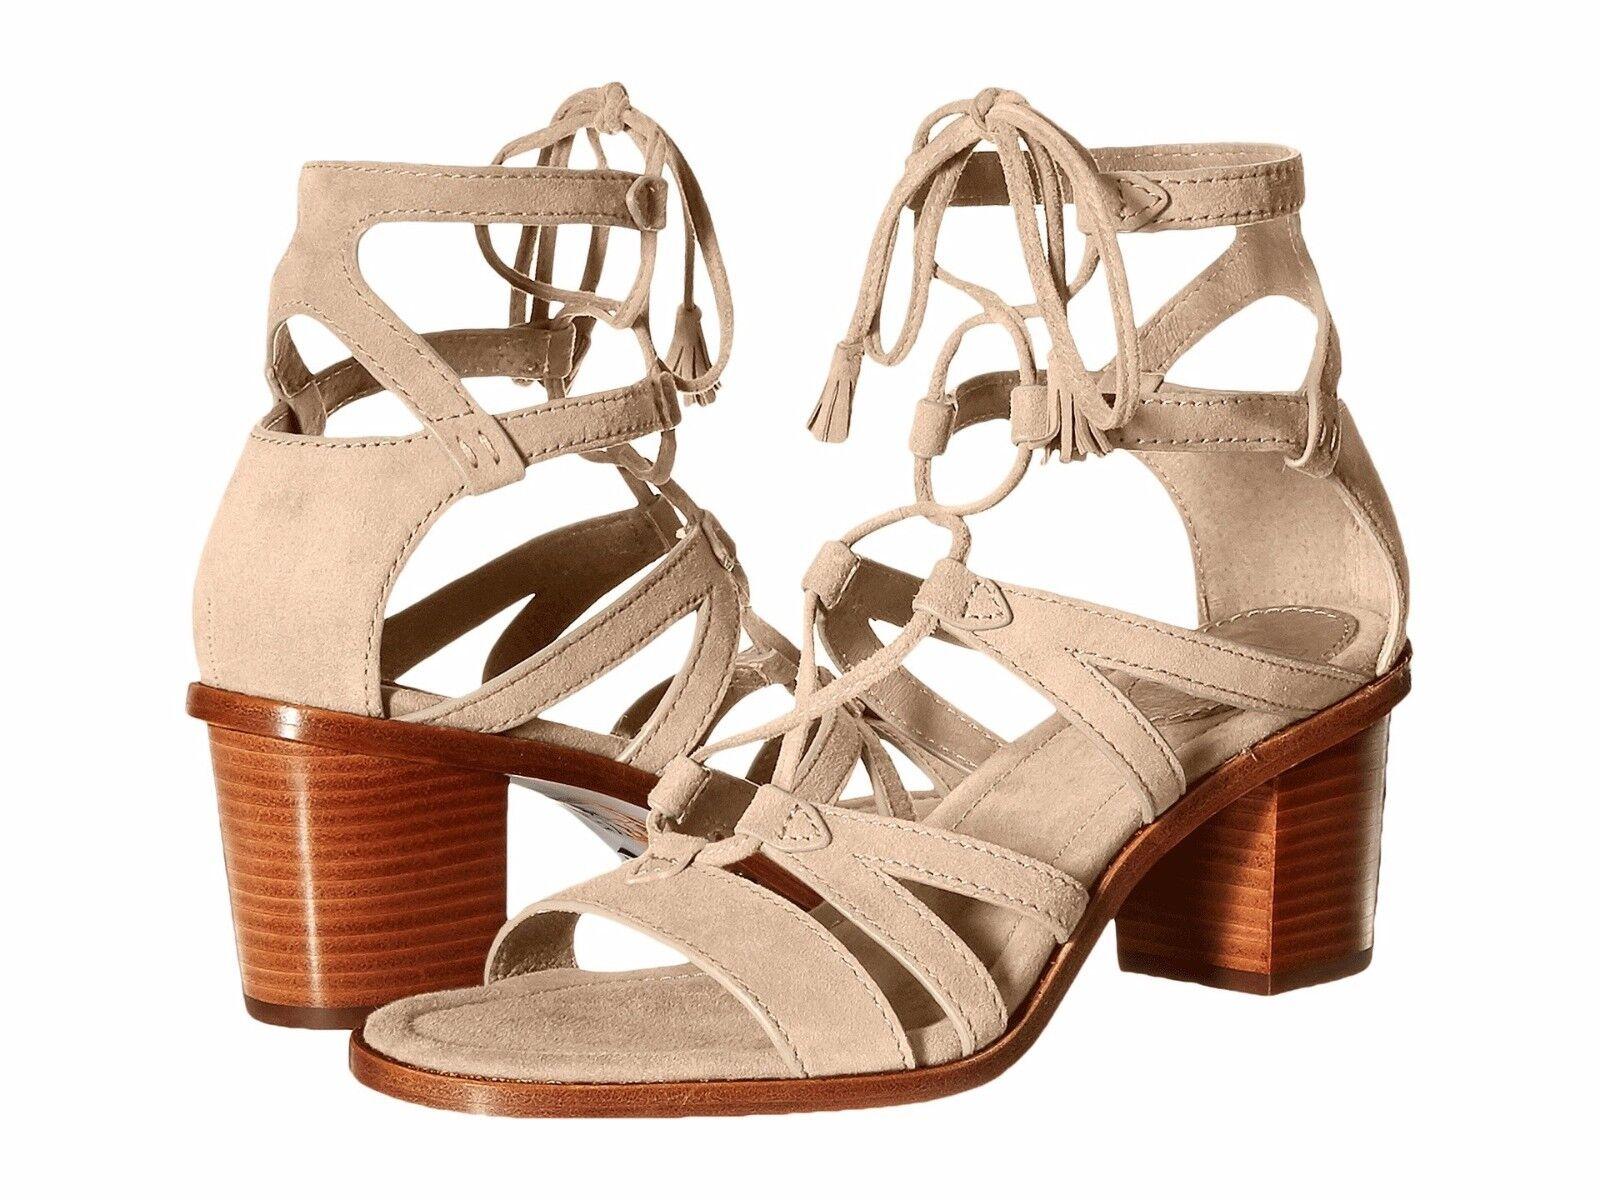 la migliore offerta del negozio online FRYE Donna  Brielle Gladiator Dress Sandal  Mult Mult Mult Sz  risparmia il 35% - 70% di sconto